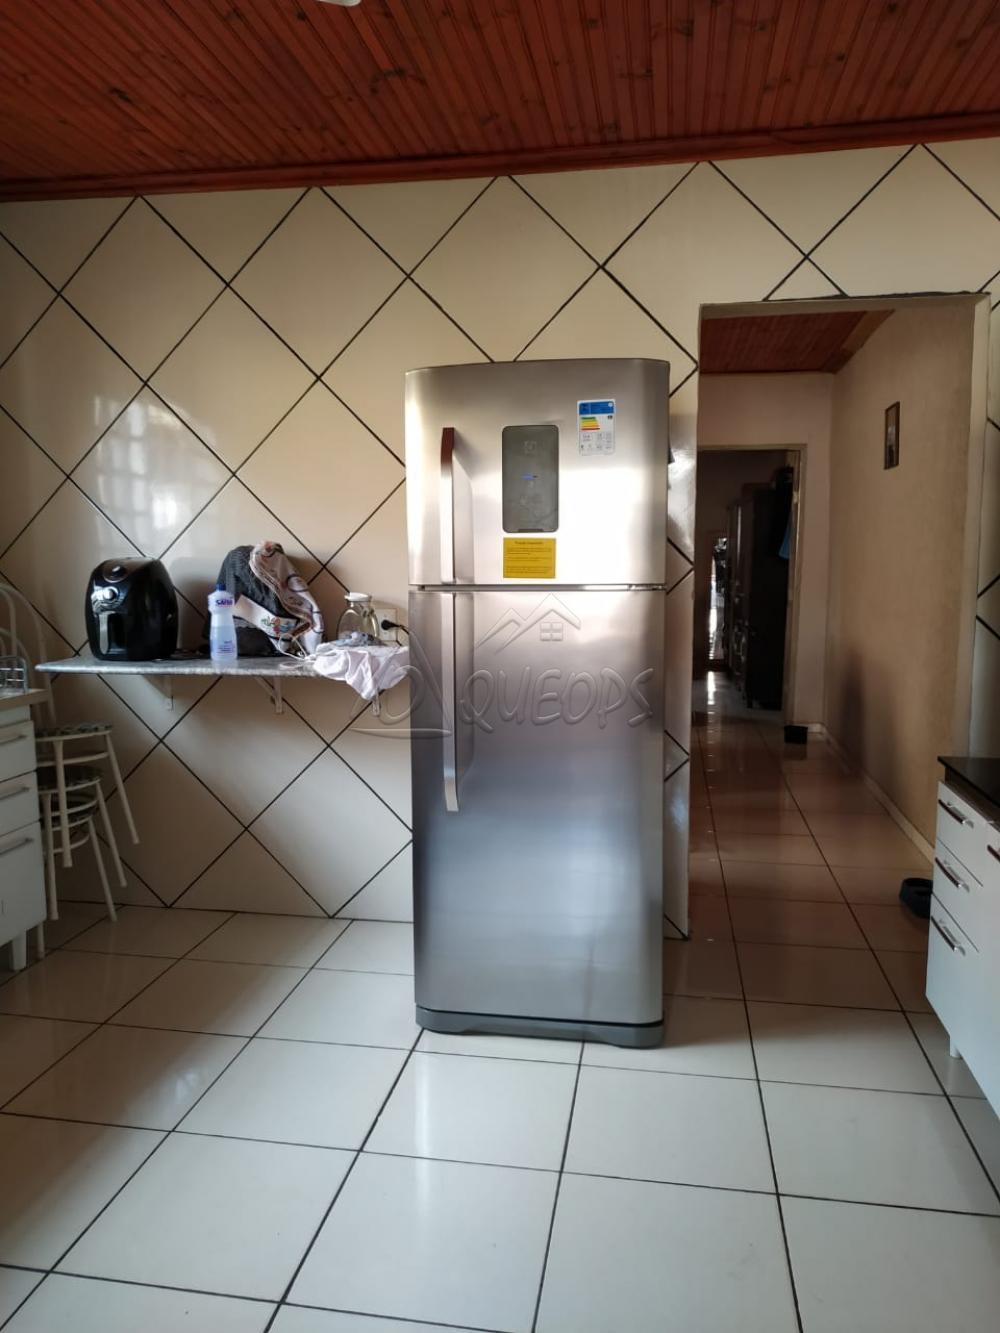 Comprar Casa / Padrão em Barretos apenas R$ 180.000,00 - Foto 10